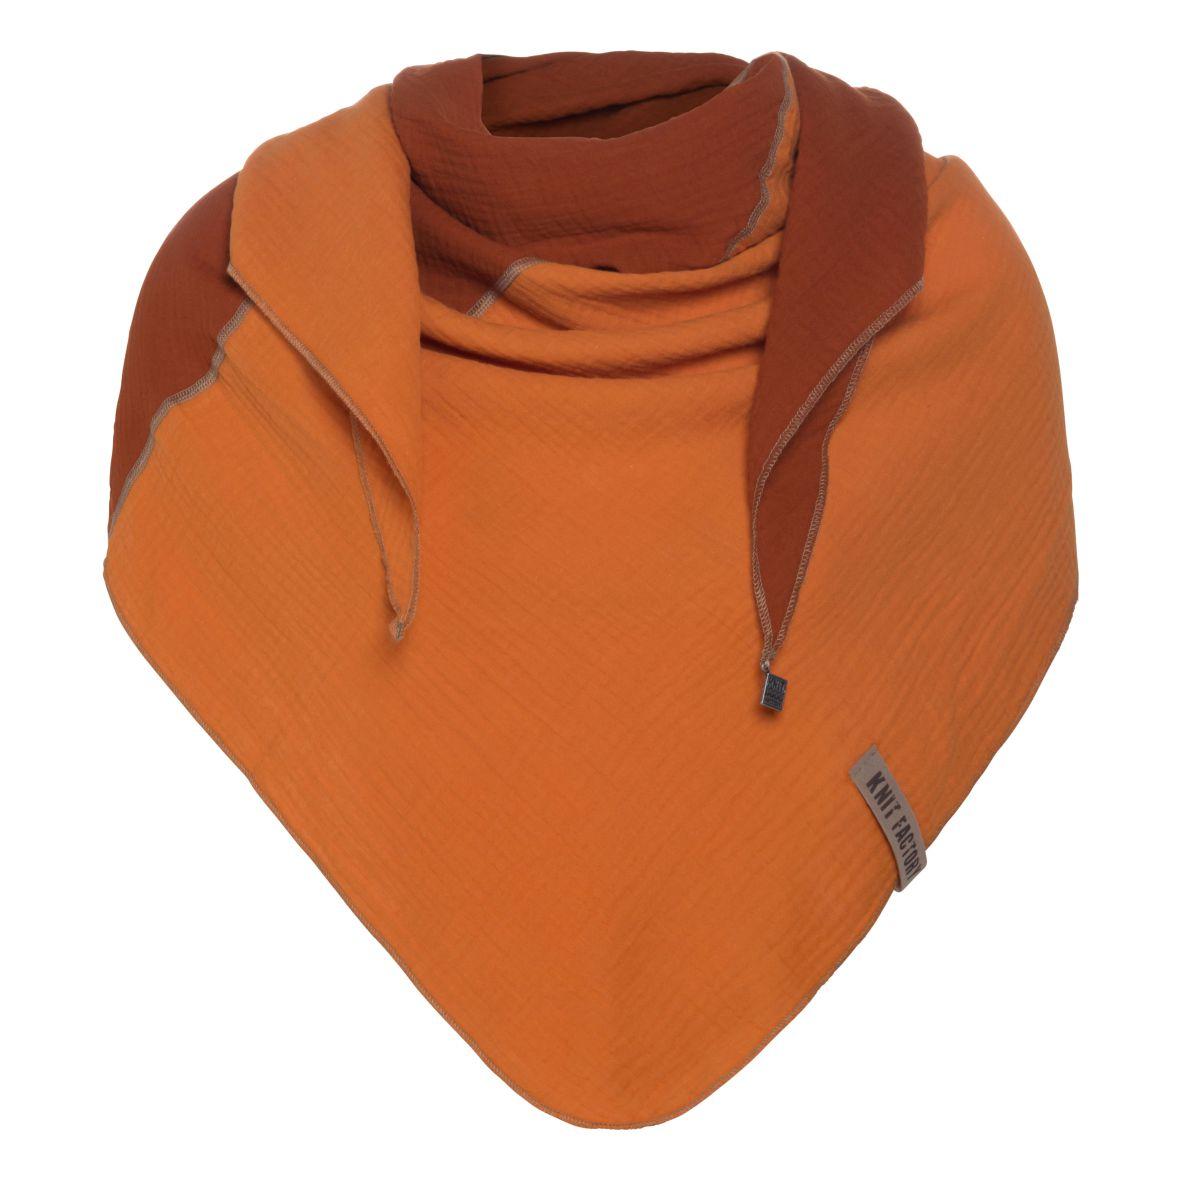 knit factory kf151060059 fay omslagdoek roest terra 1